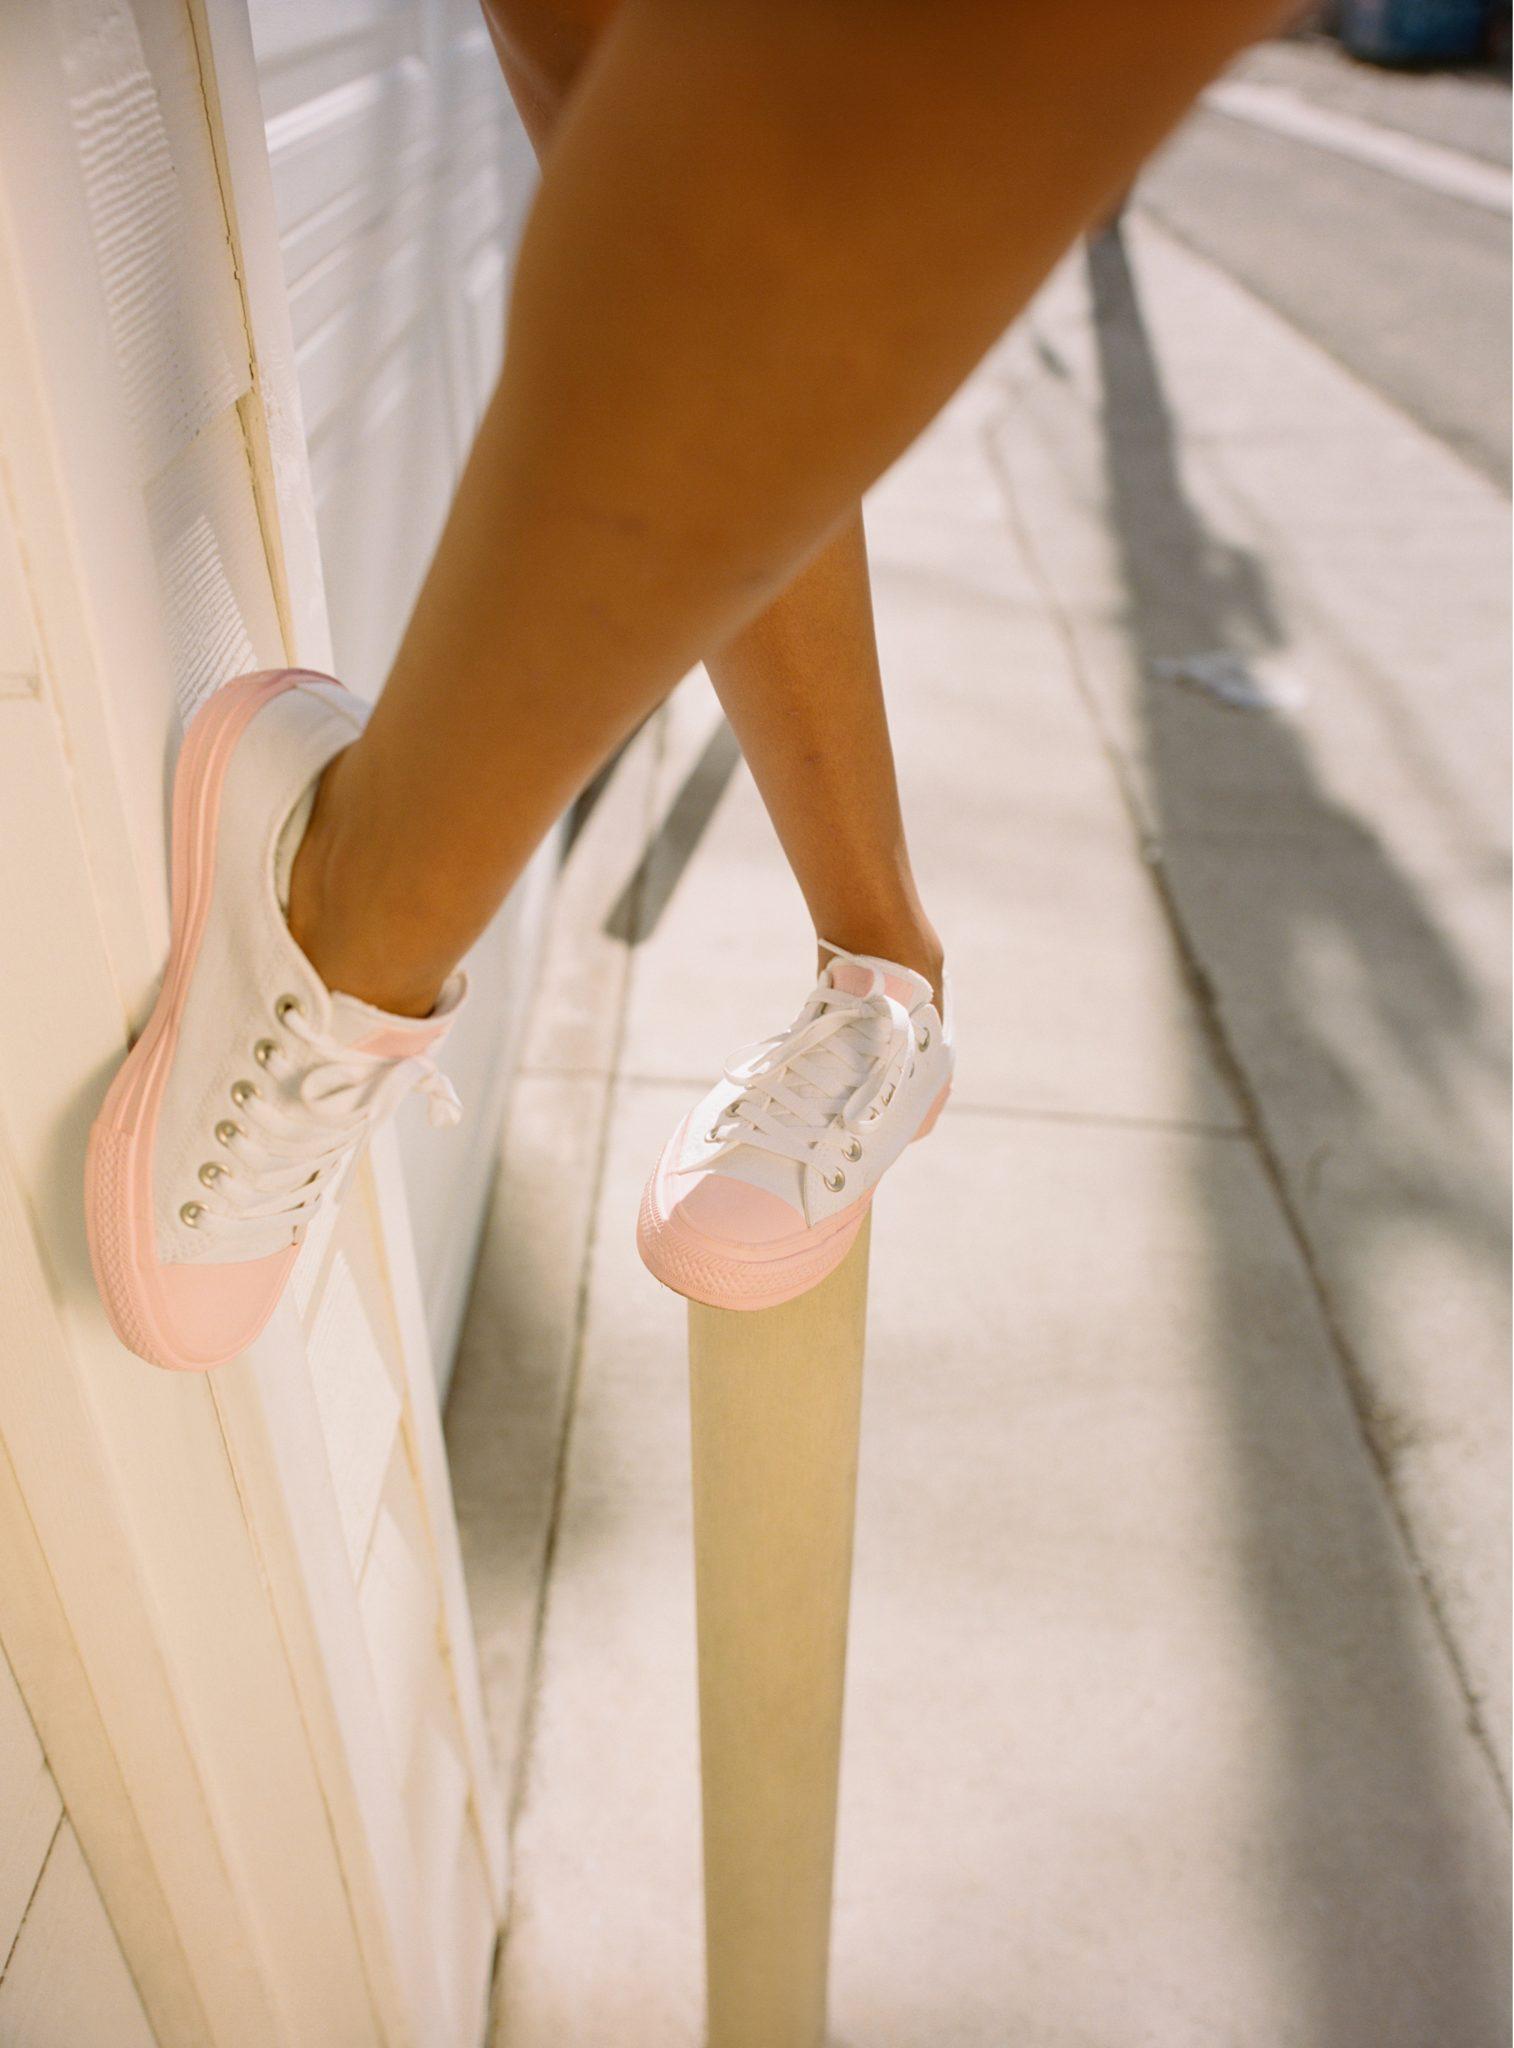 Nogi dziewczyny ubrane w pastelowo-białe trampki